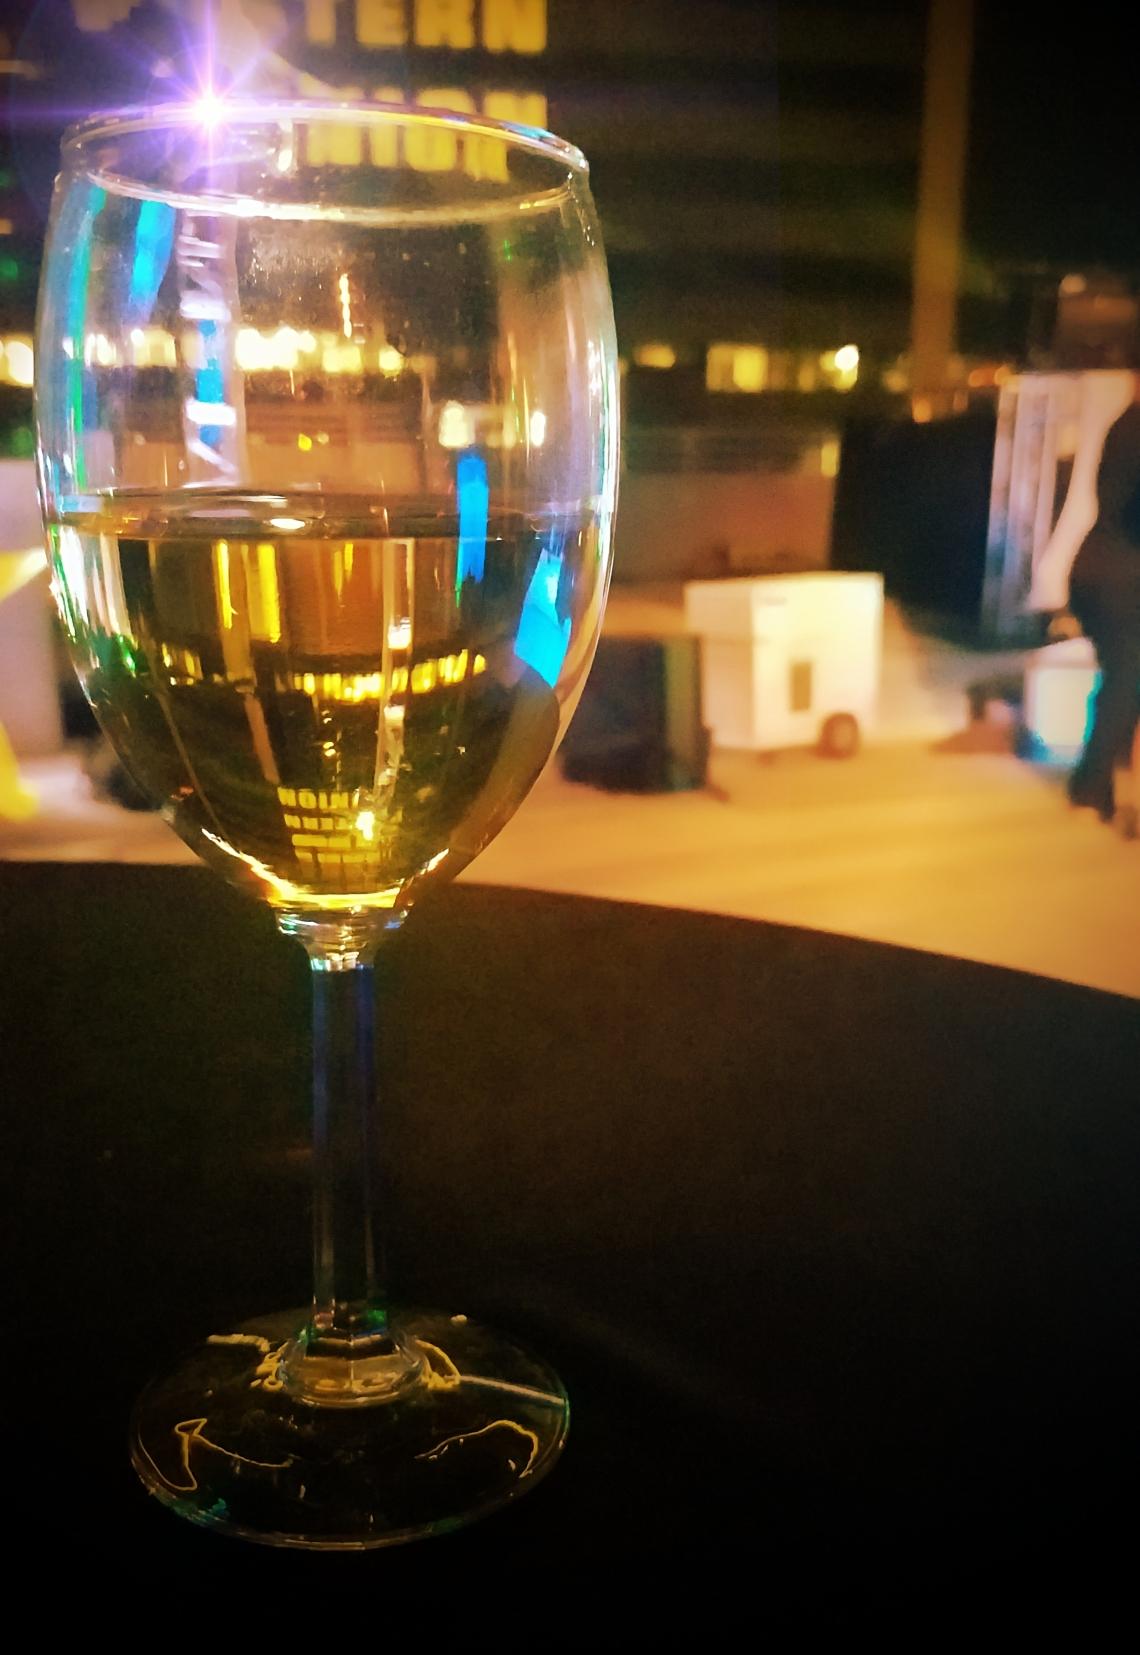 00-wine-treat-20171005_212437_37266087990_o_pe